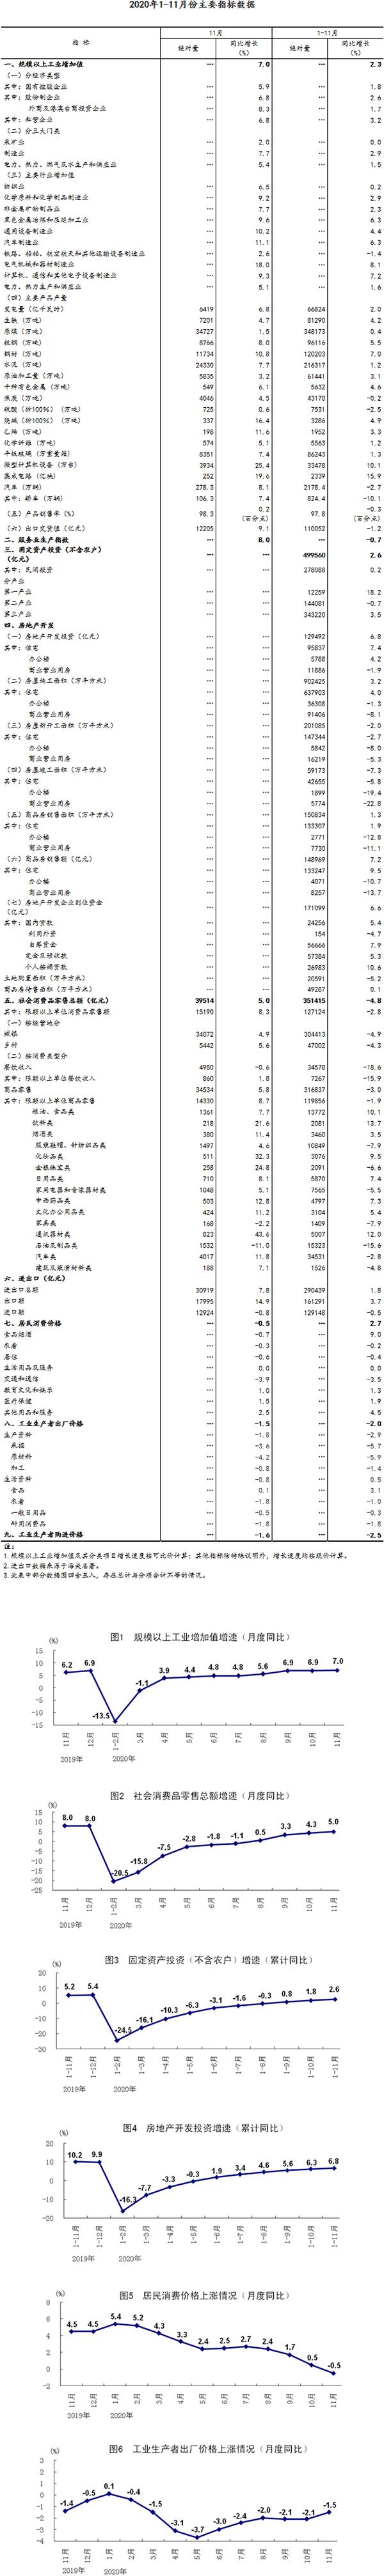 2020年1-11月份主要指標數據